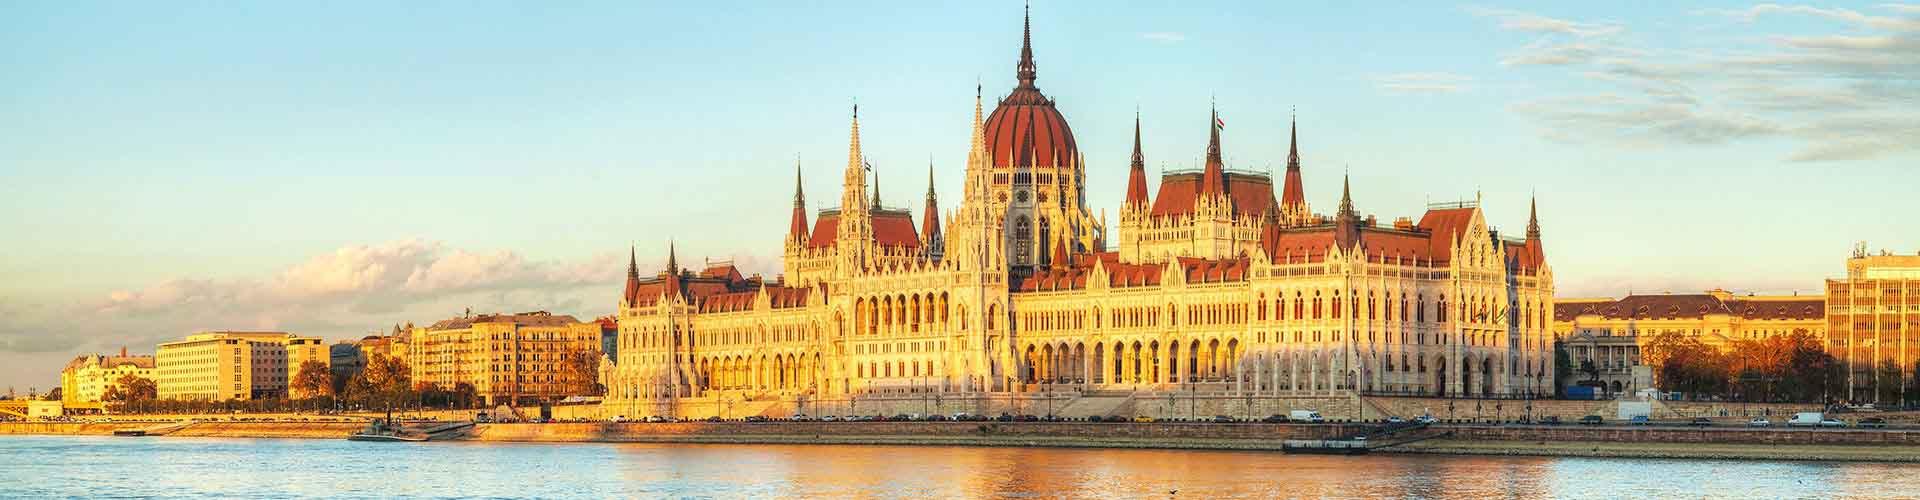 布达佩斯 – 多哈尼街犹太教堂附近的宾馆。布达佩斯地图,布达佩斯每间宾馆的照片和评价。